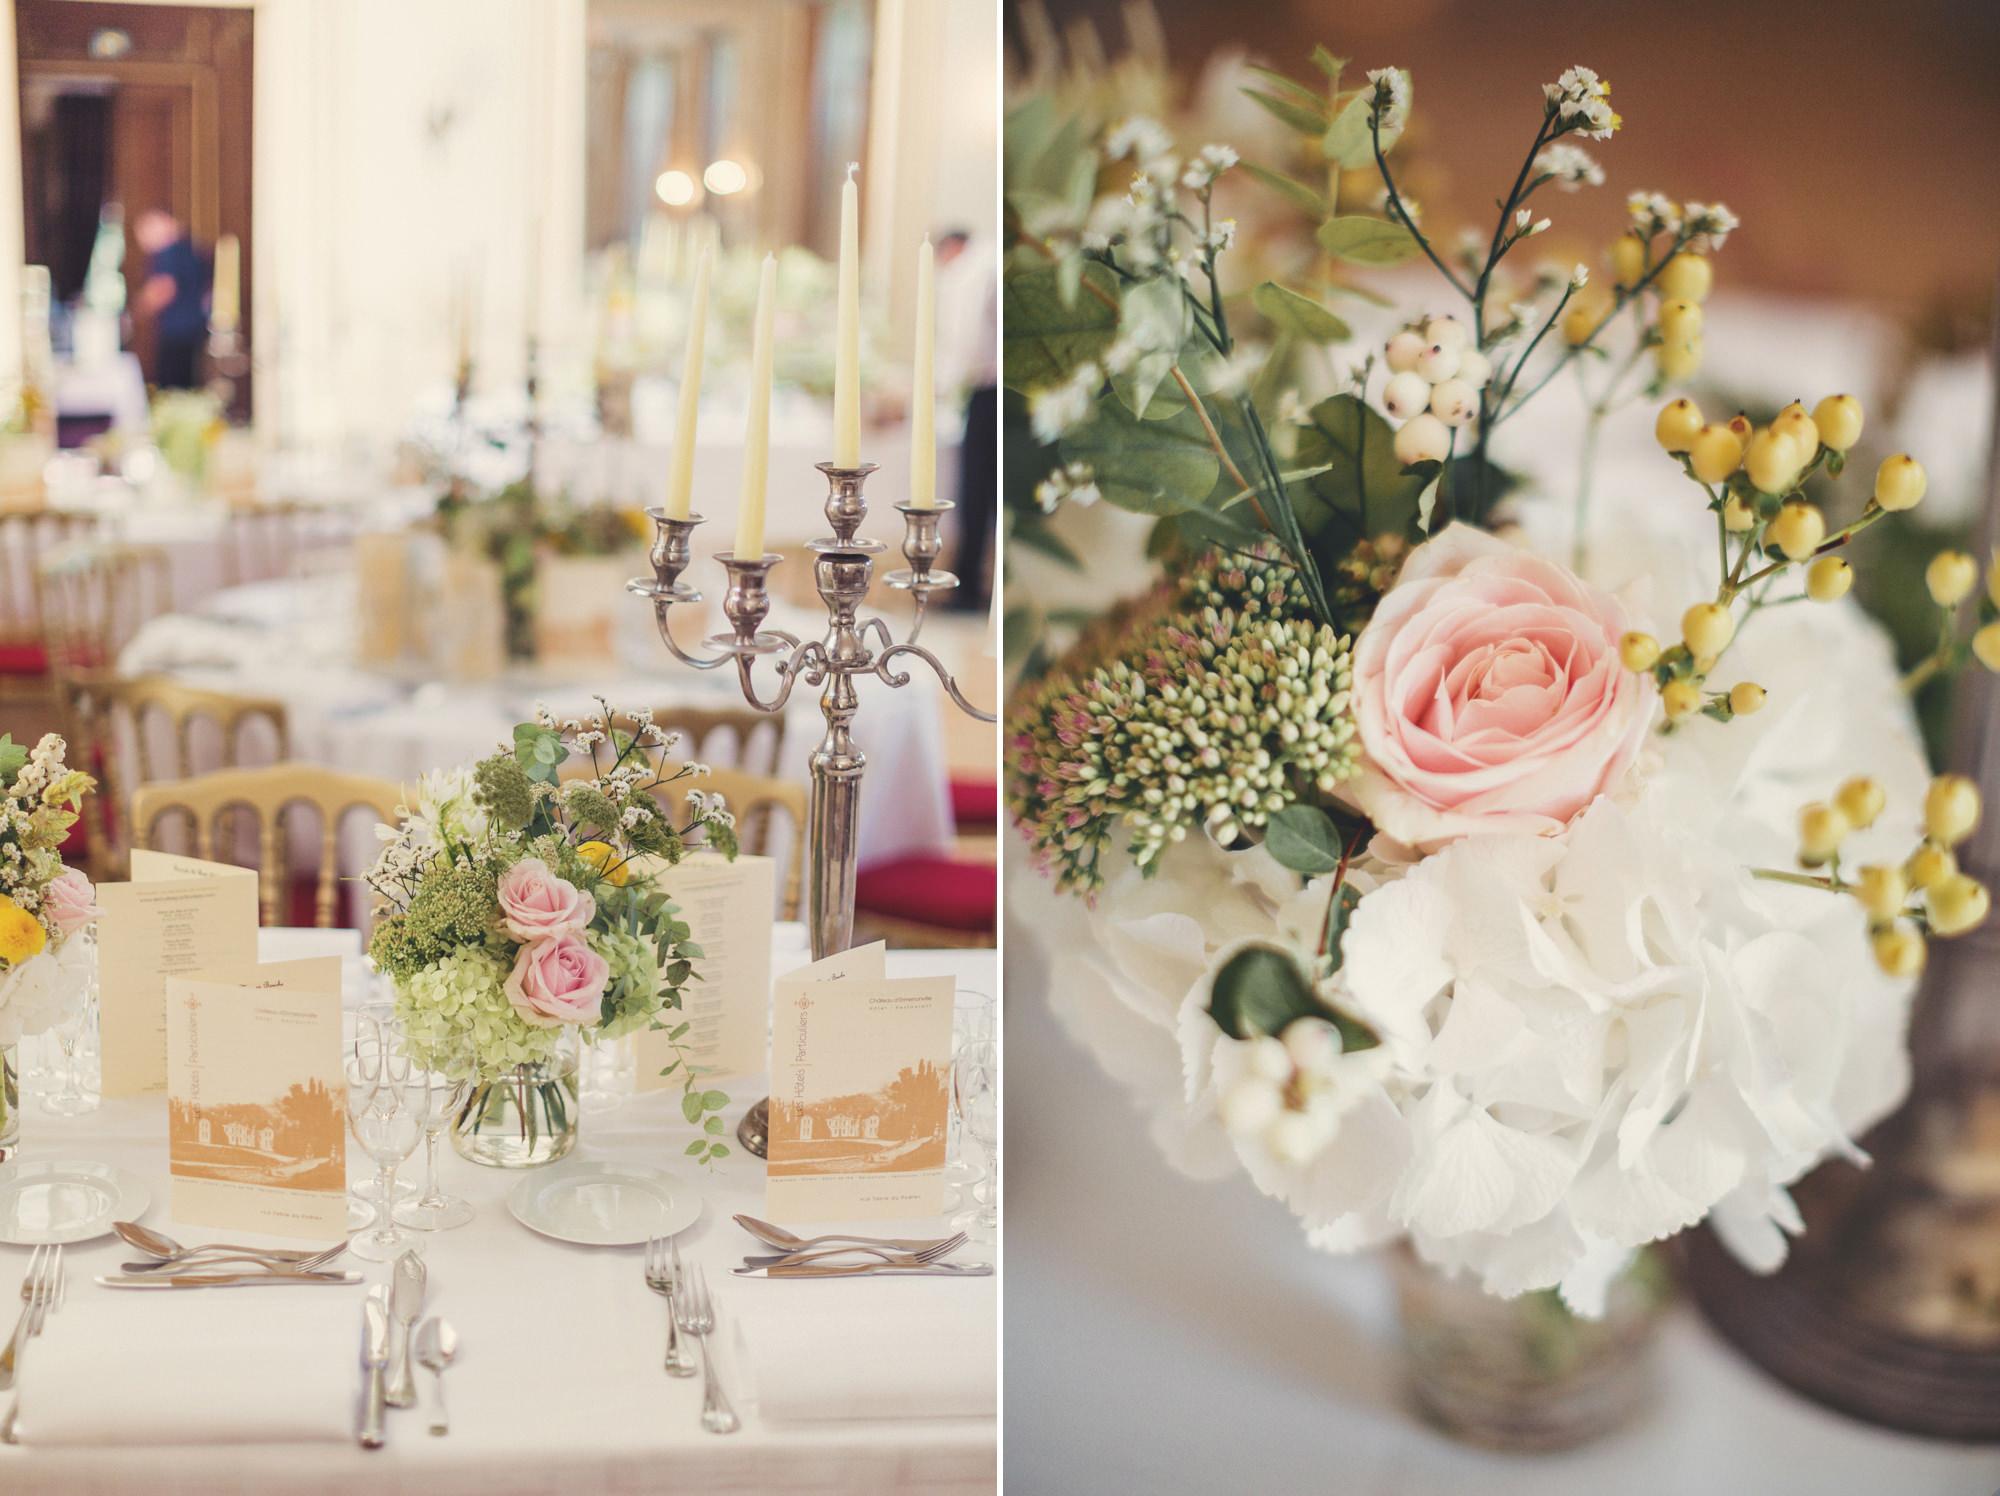 Mariage au Chateau d'Ermenonville@Anne-Claire Brun 99